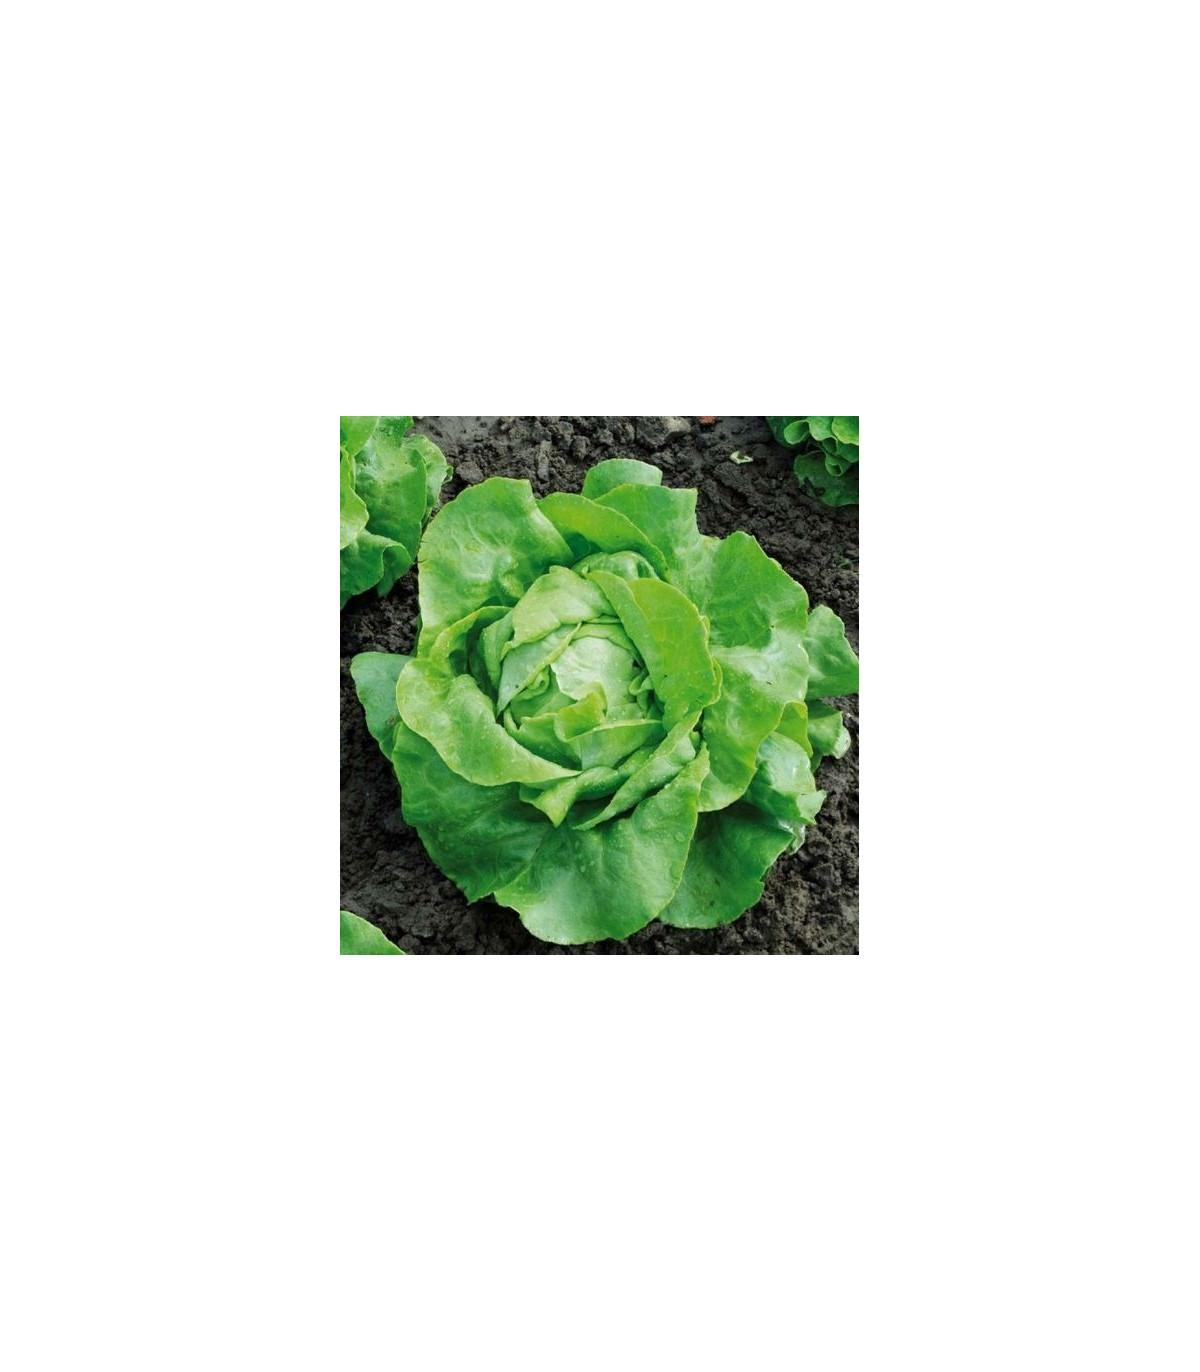 BIO Šalát hlávkový Nel - Lactusa sativa - semená šalátu - semiačka - 0,1 gr